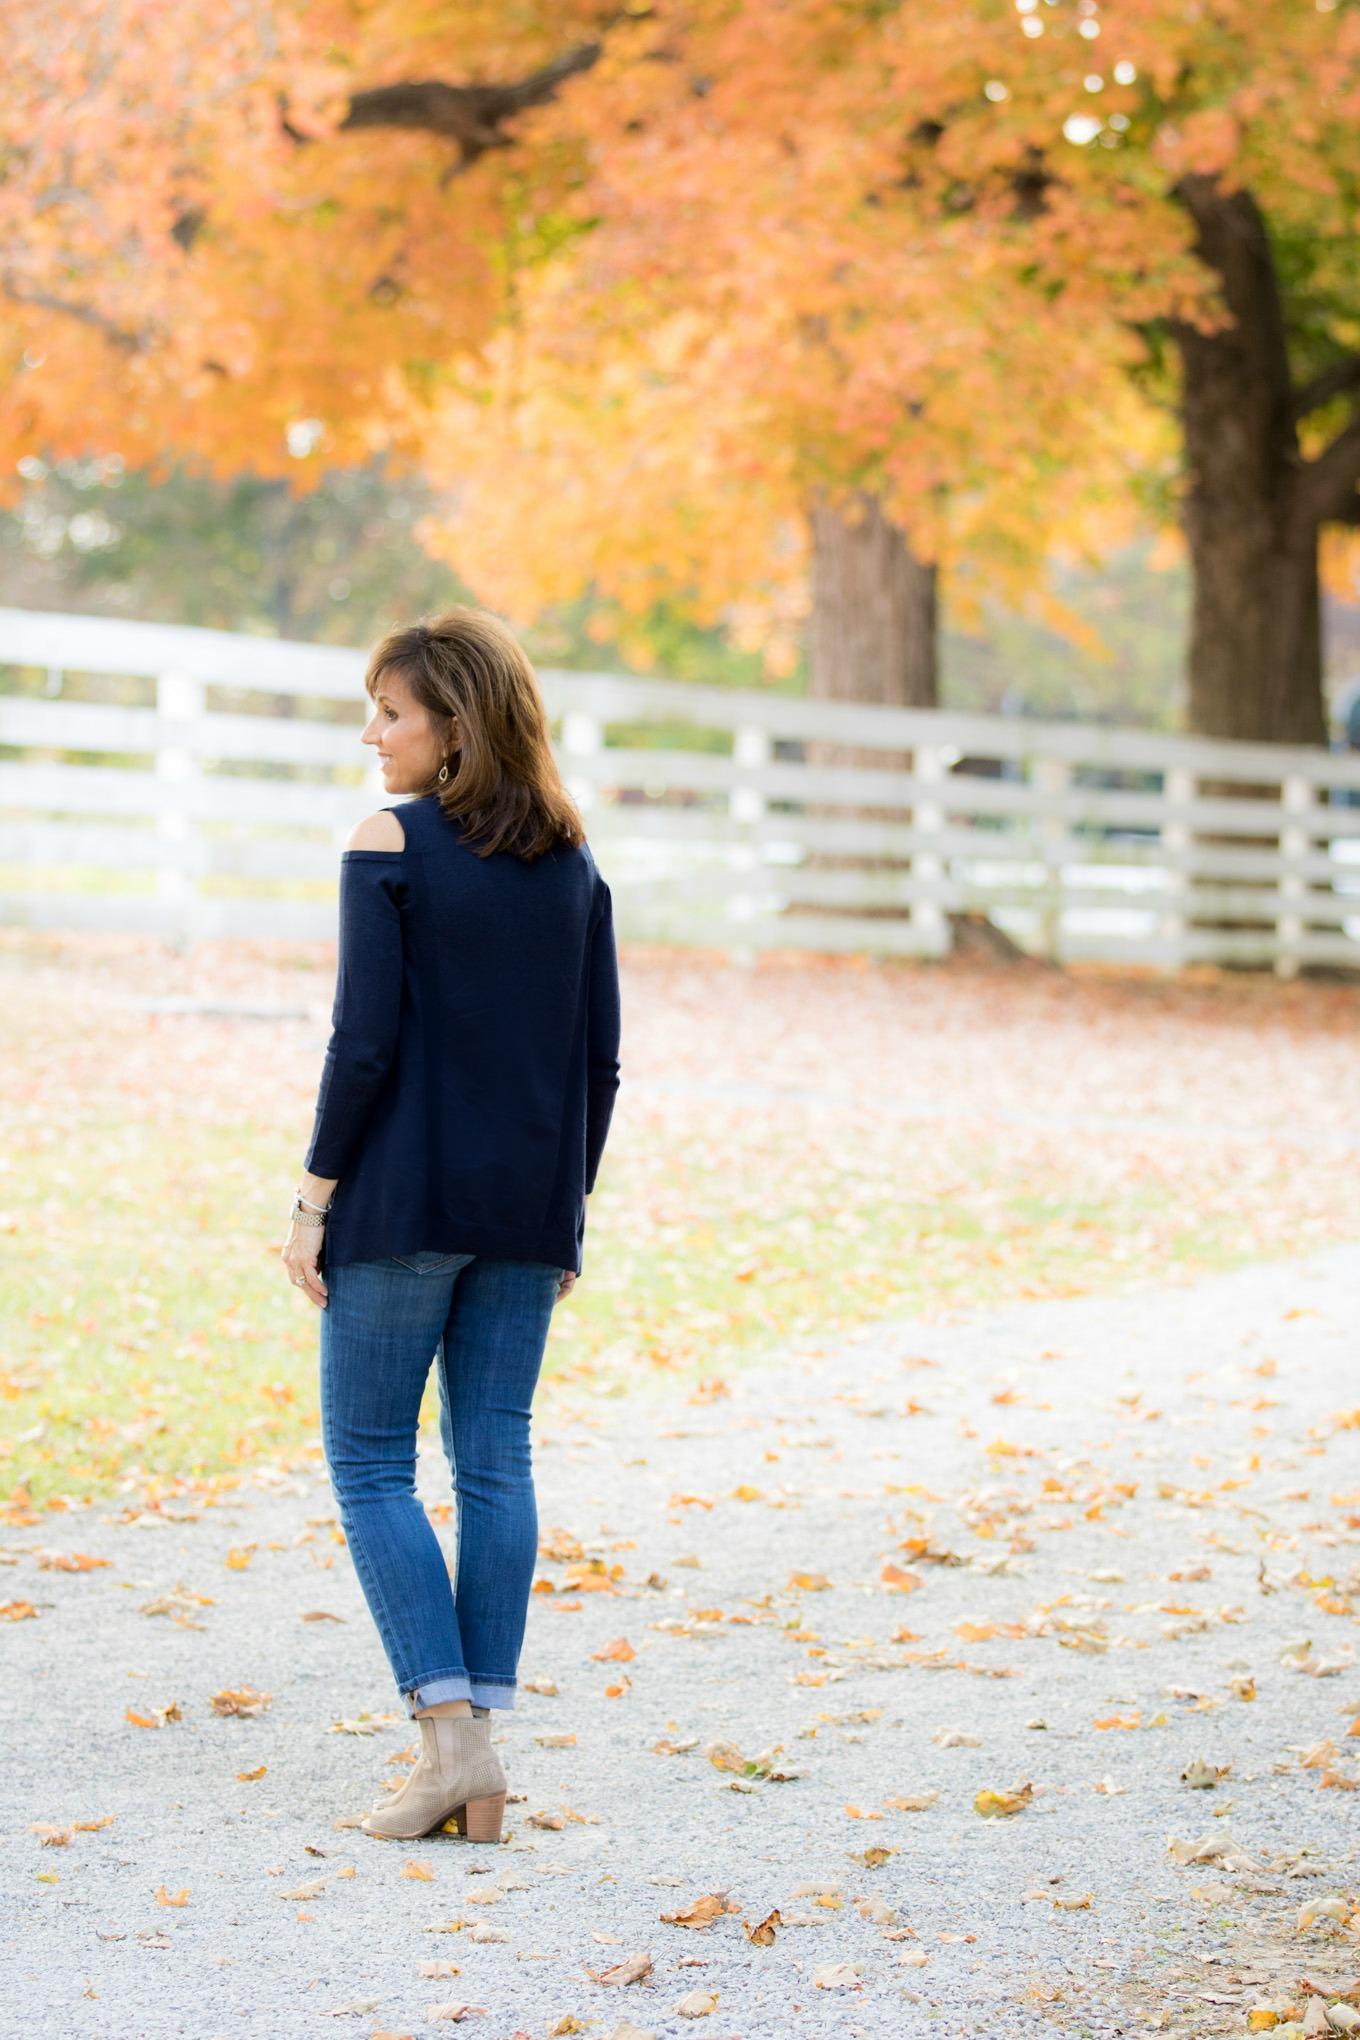 Fashion blogger, Cyndi Spivey, sharing a Vera Bradley crossbody bag.